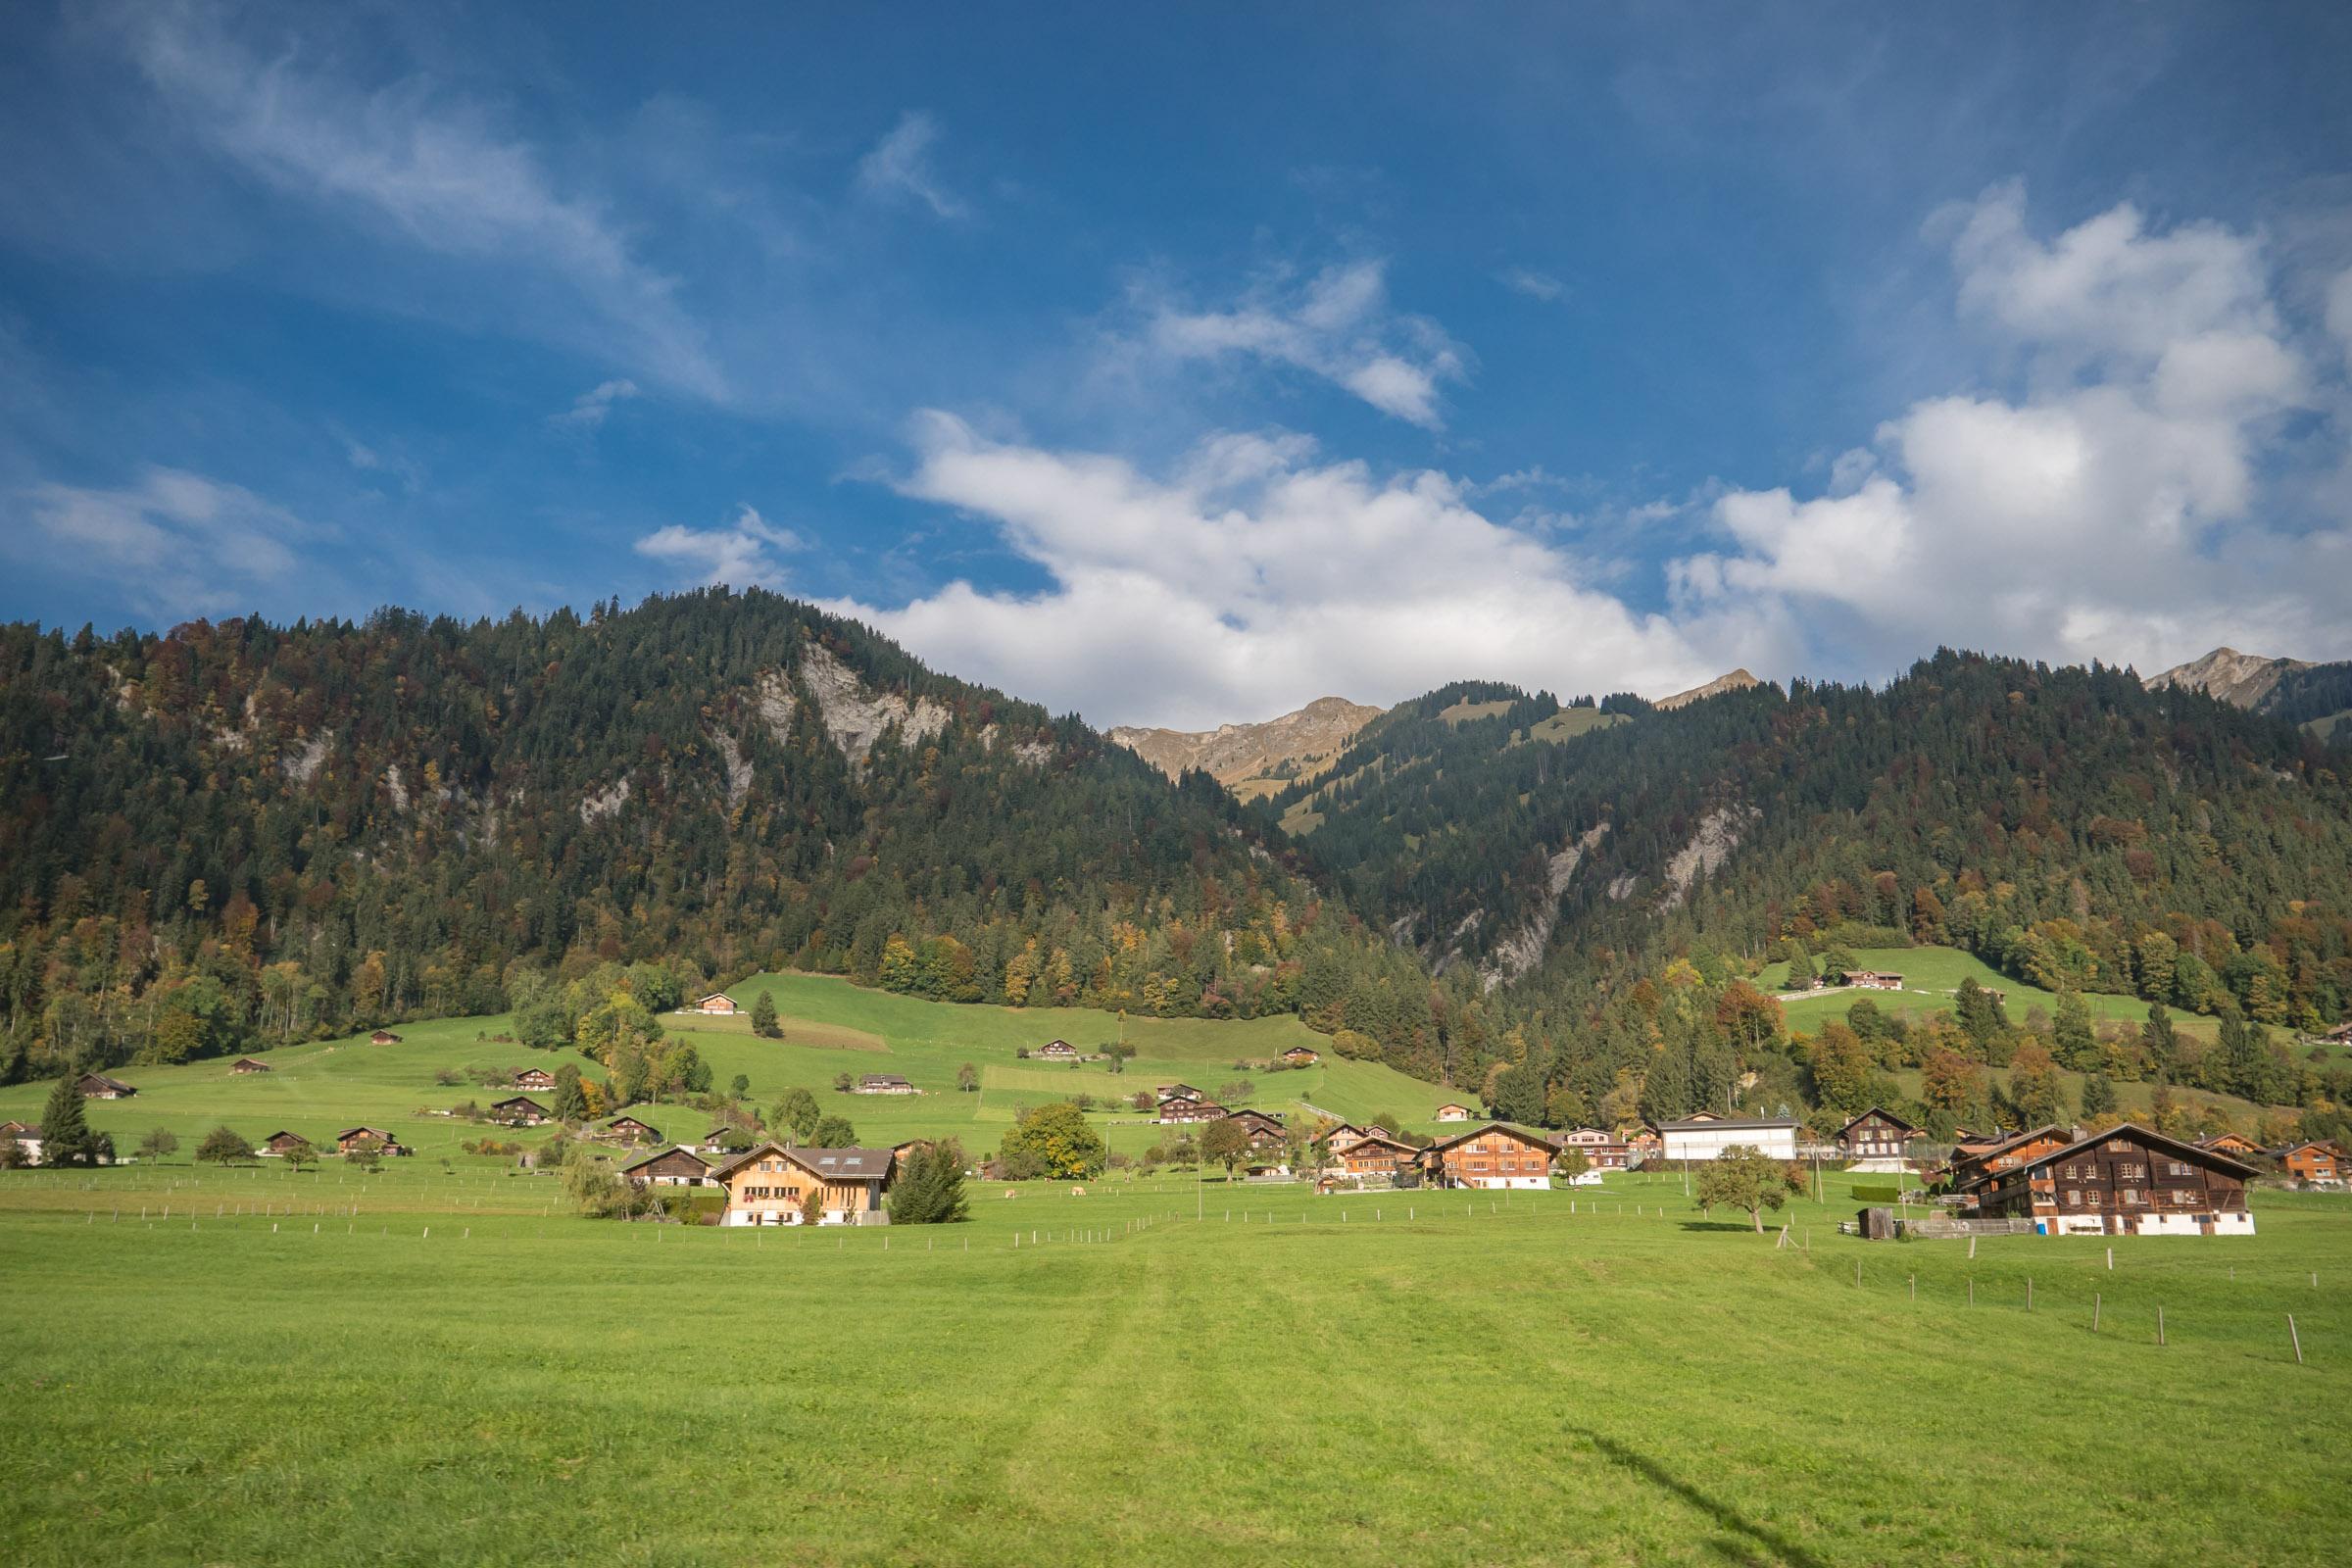 車窓に広がり始めるスイスらしい田園風景 DMC-GX8 + LEICA DG 12-60mm